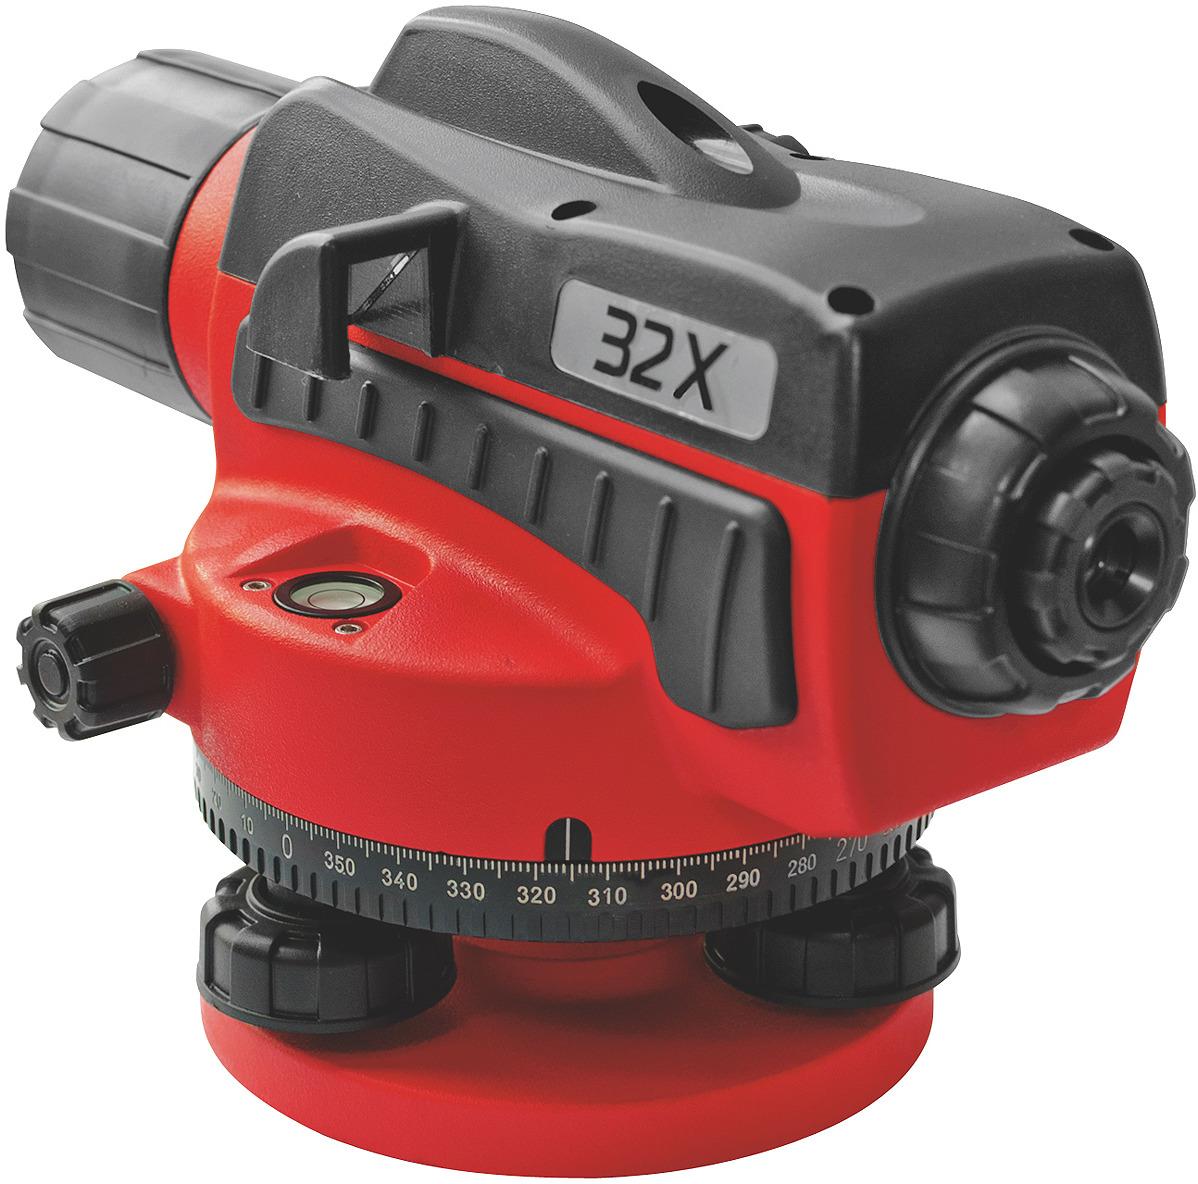 Оптический нивелир Condtrol 32X , 2-3-039